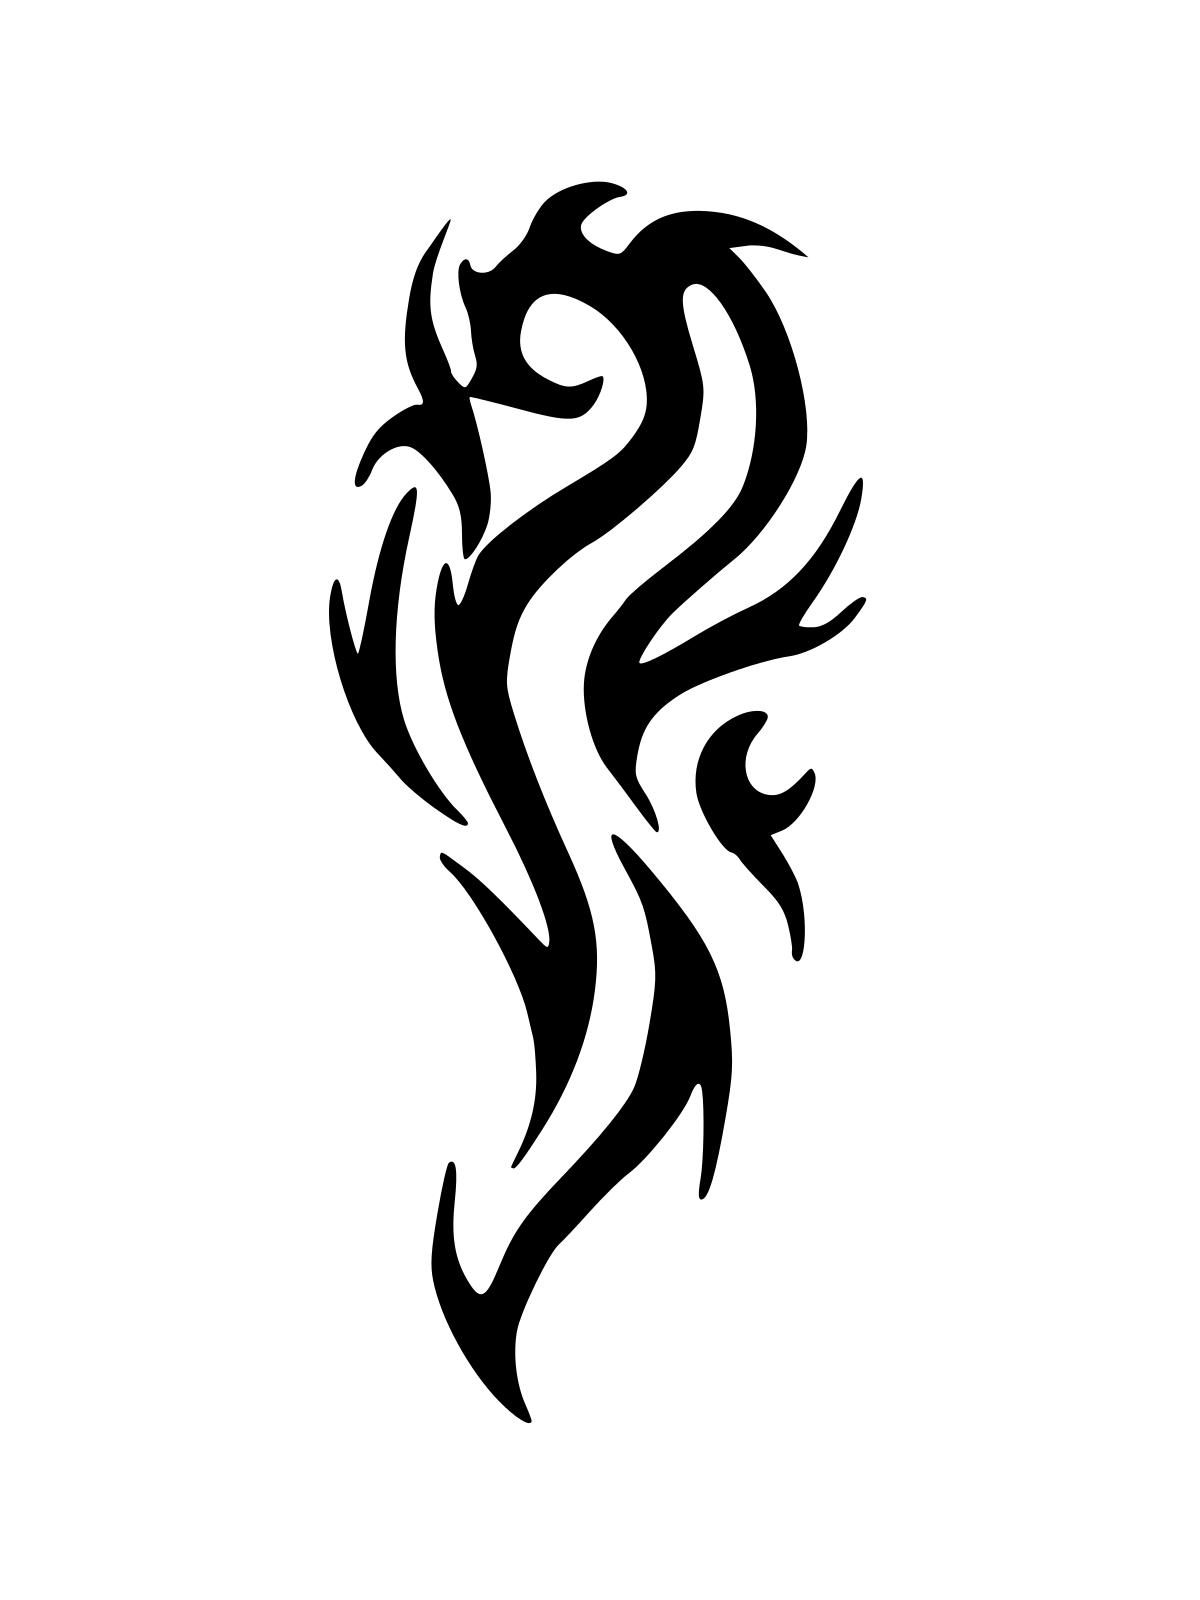 20 tribal tattoo design for inspiration. Black Bedroom Furniture Sets. Home Design Ideas